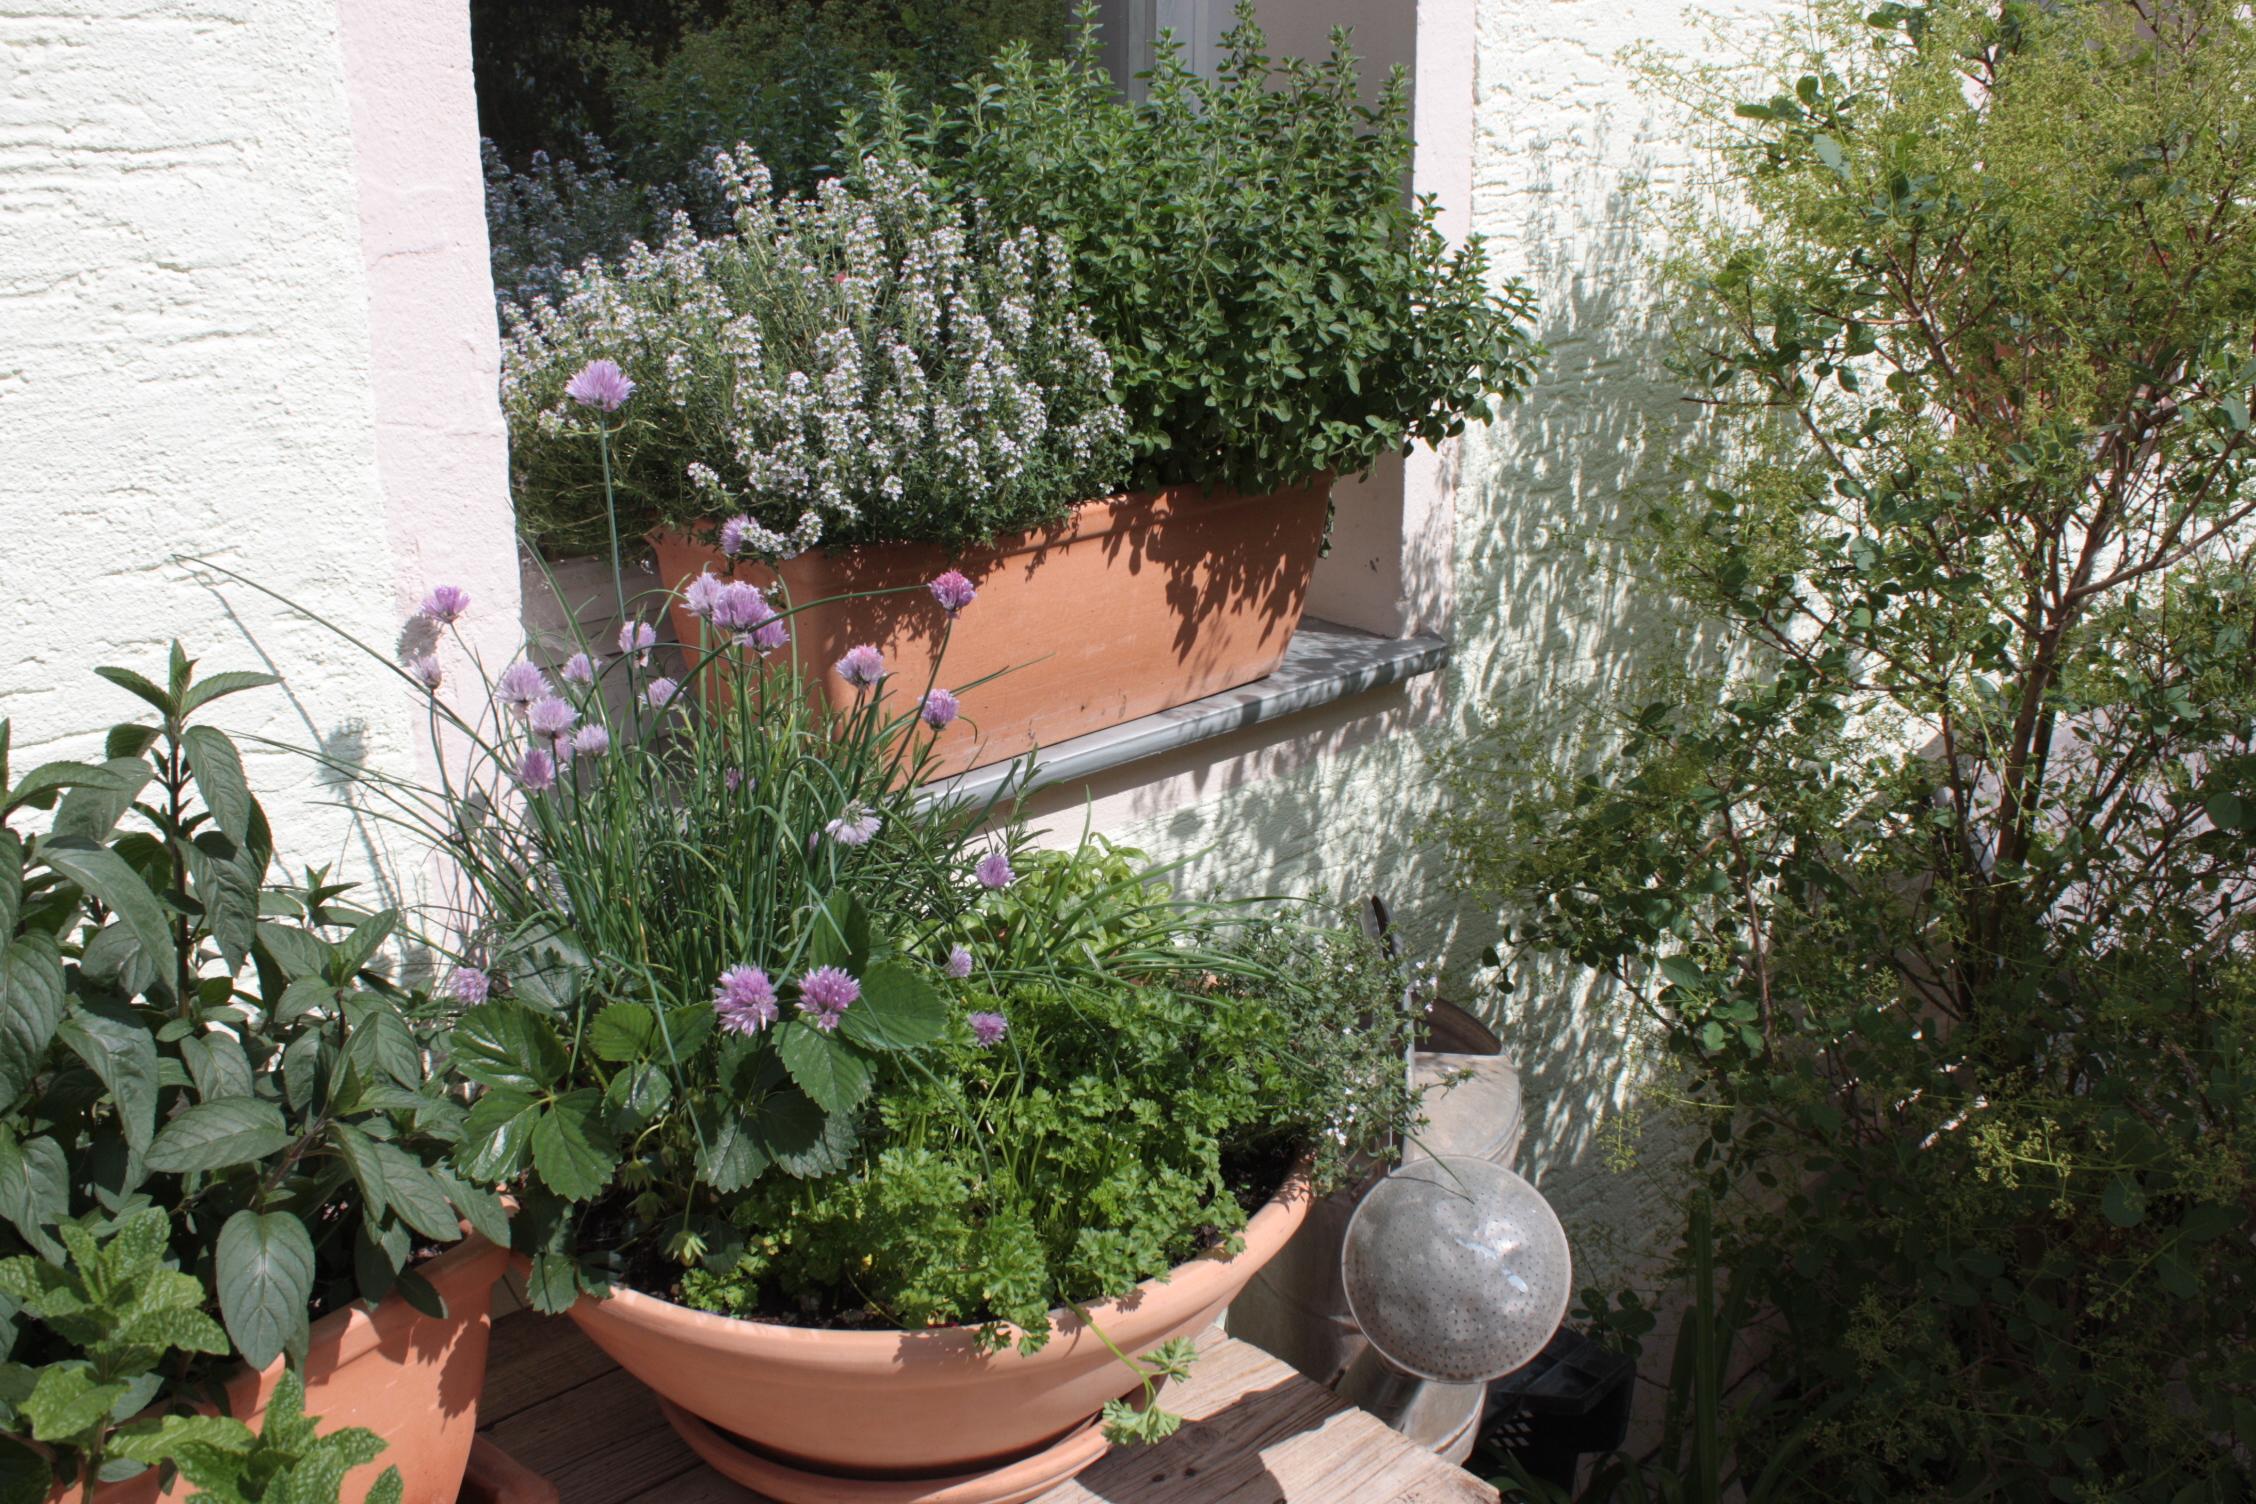 Mit k belpflanzen balkon und terrasse in eine wohlf hloase for Winterharte kubelpflanzen terrasse